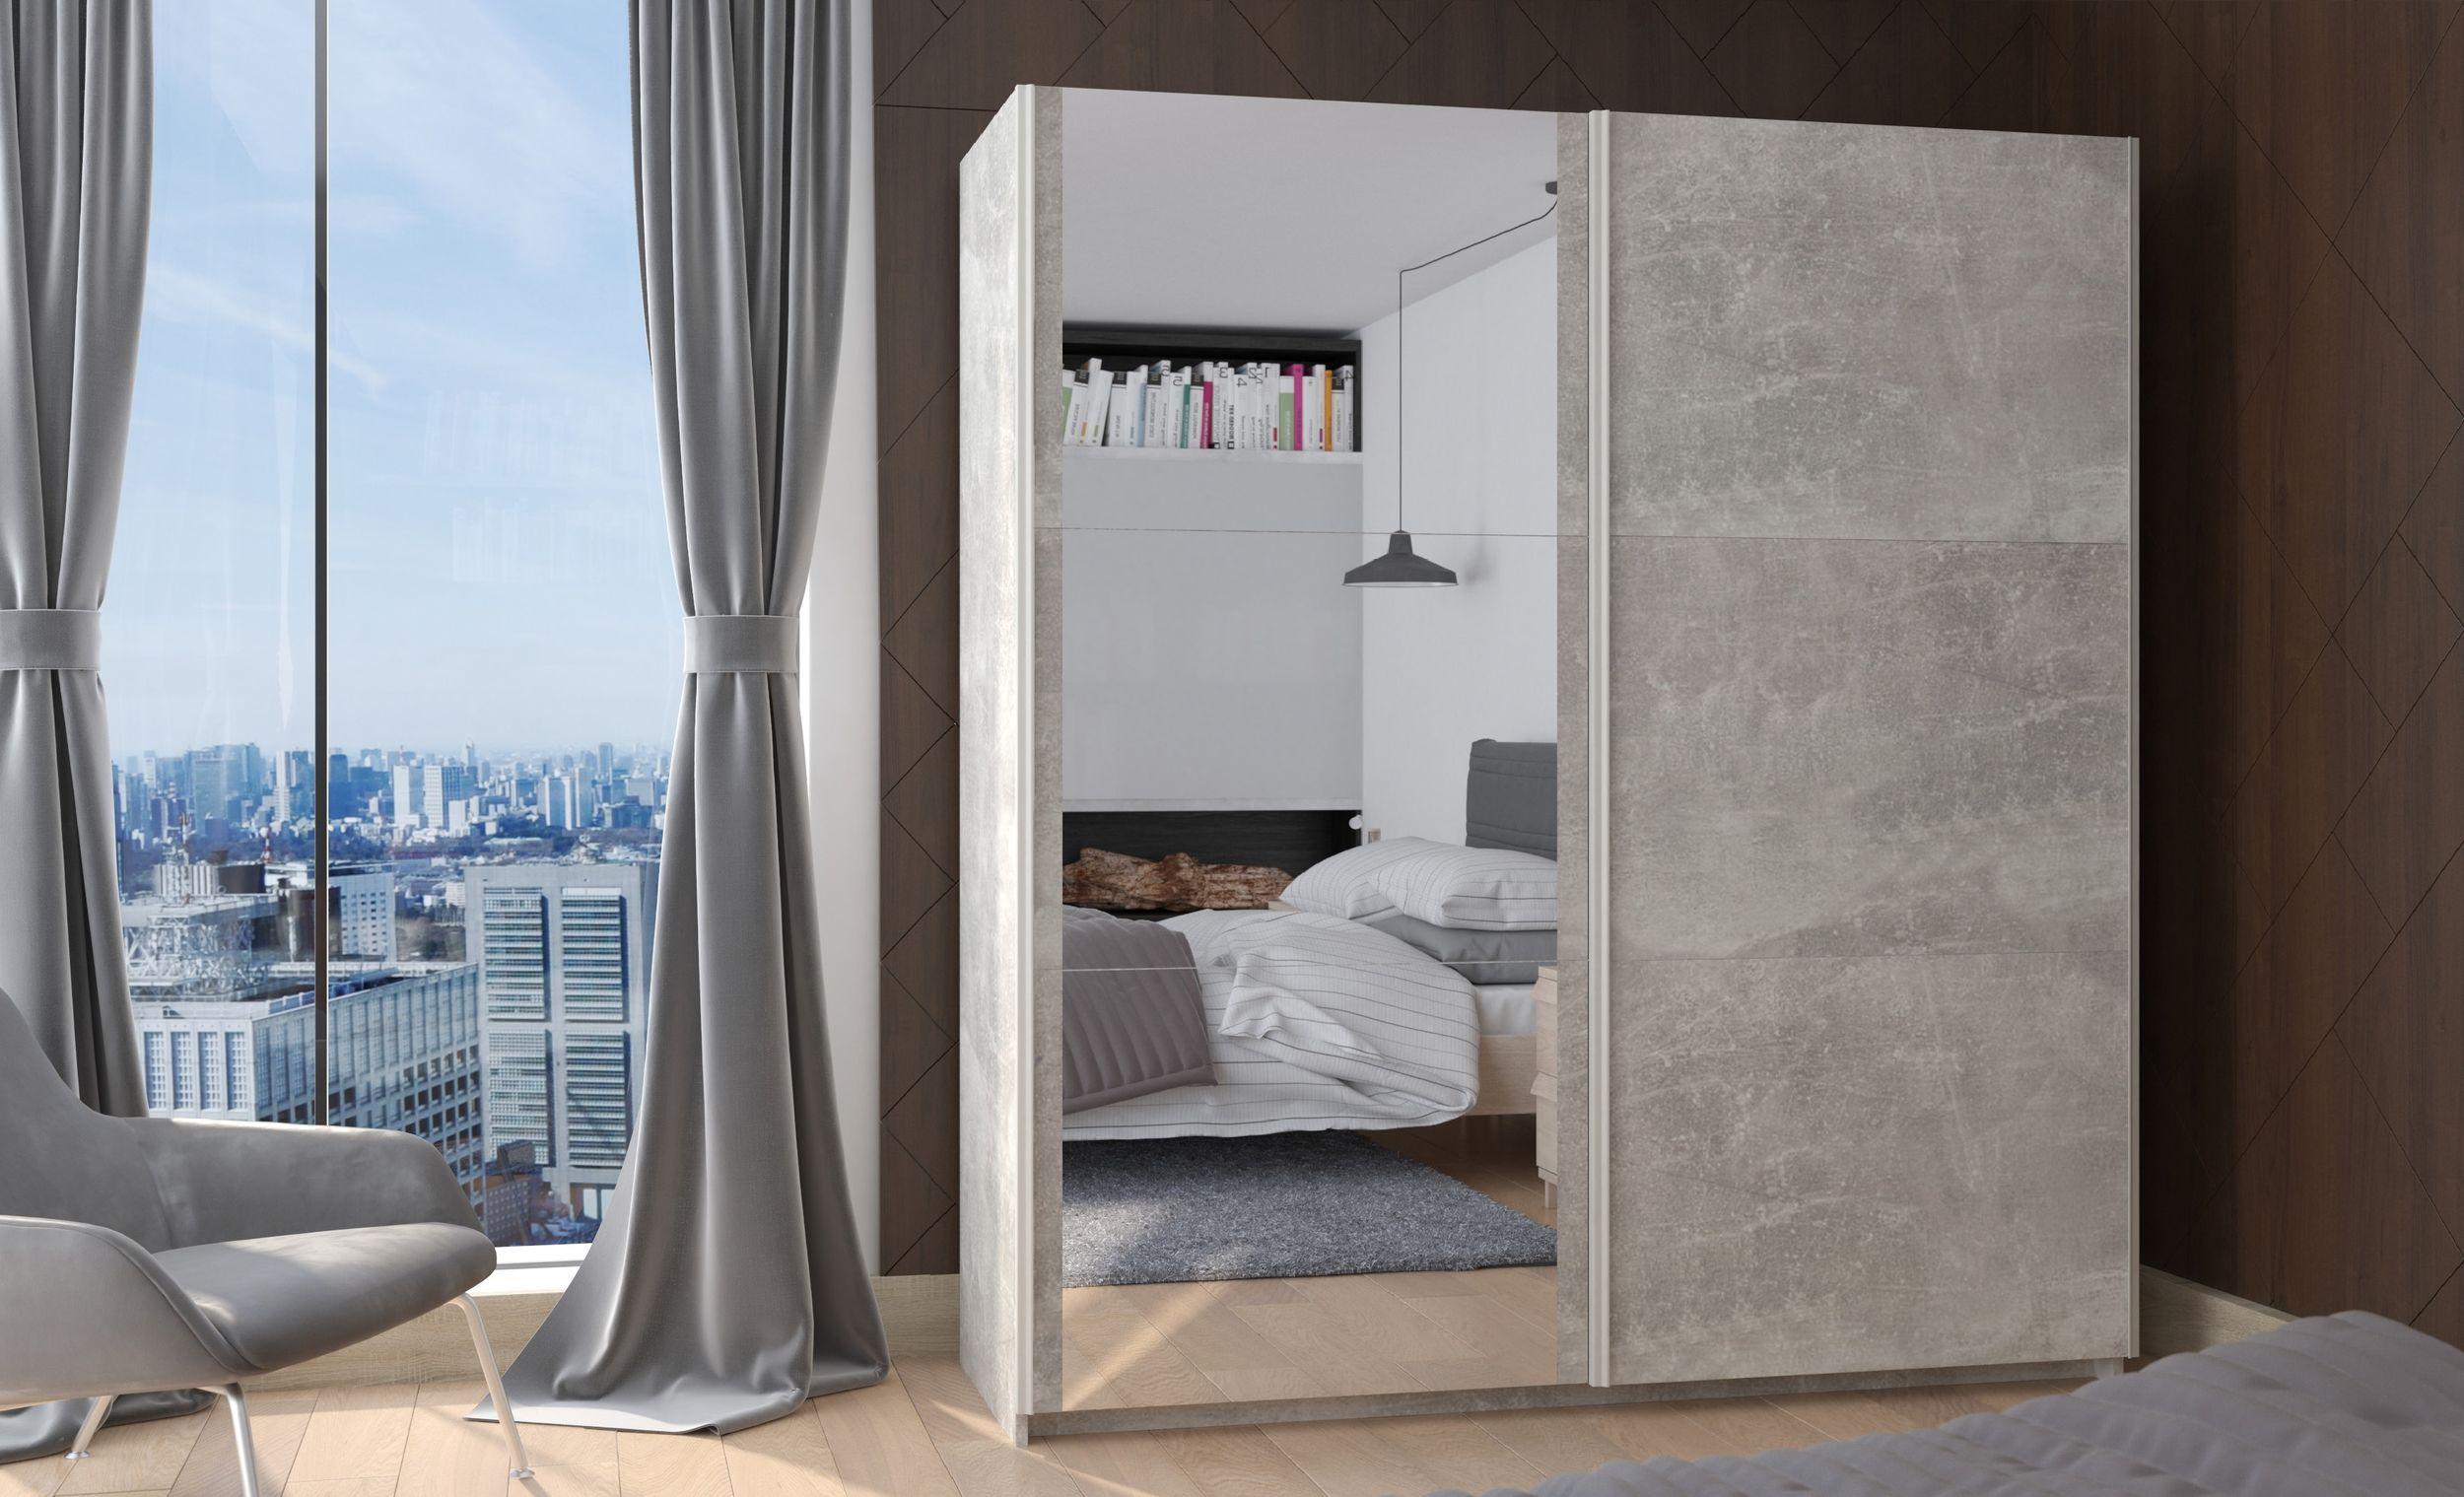 Full Size of Schlafzimmer Komplett Günstig Kleiderschrank Schwebetrenschrank Schrank Beton 170 Günstige Deckenleuchte Modern Bett Vorhänge Wohnzimmer Sofa Regale Küche Schlafzimmer Schlafzimmer Komplett Günstig